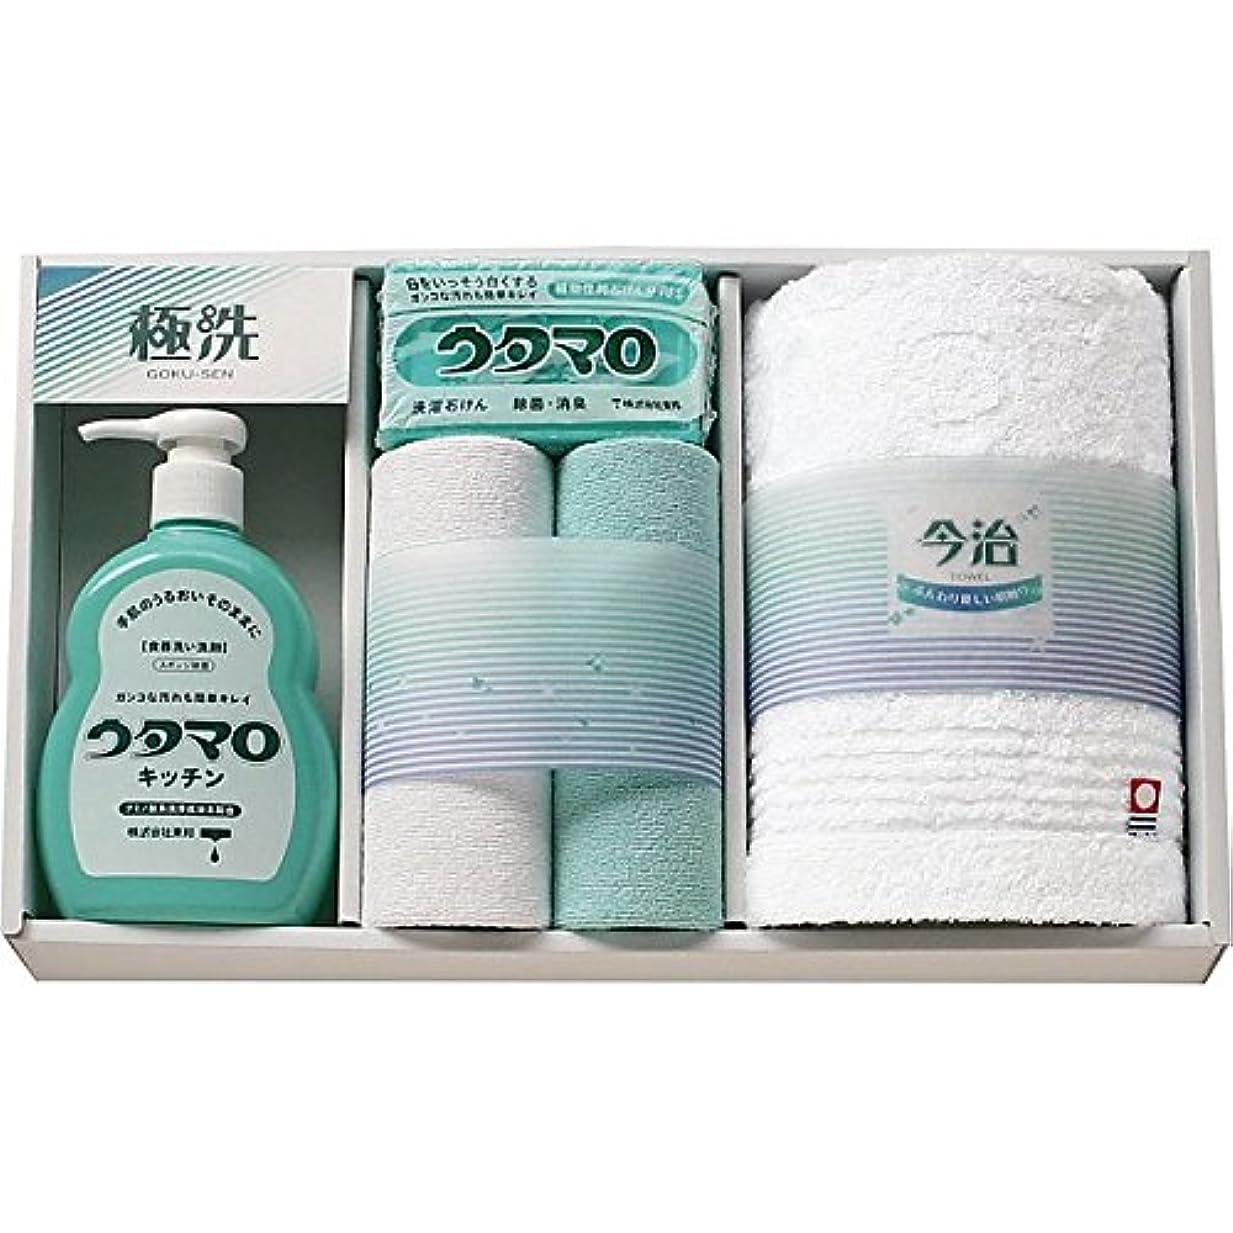 ポルティコ感染する速報( ウタマロ ) 石鹸?キッチン洗剤ギフト ( 835-1055r )